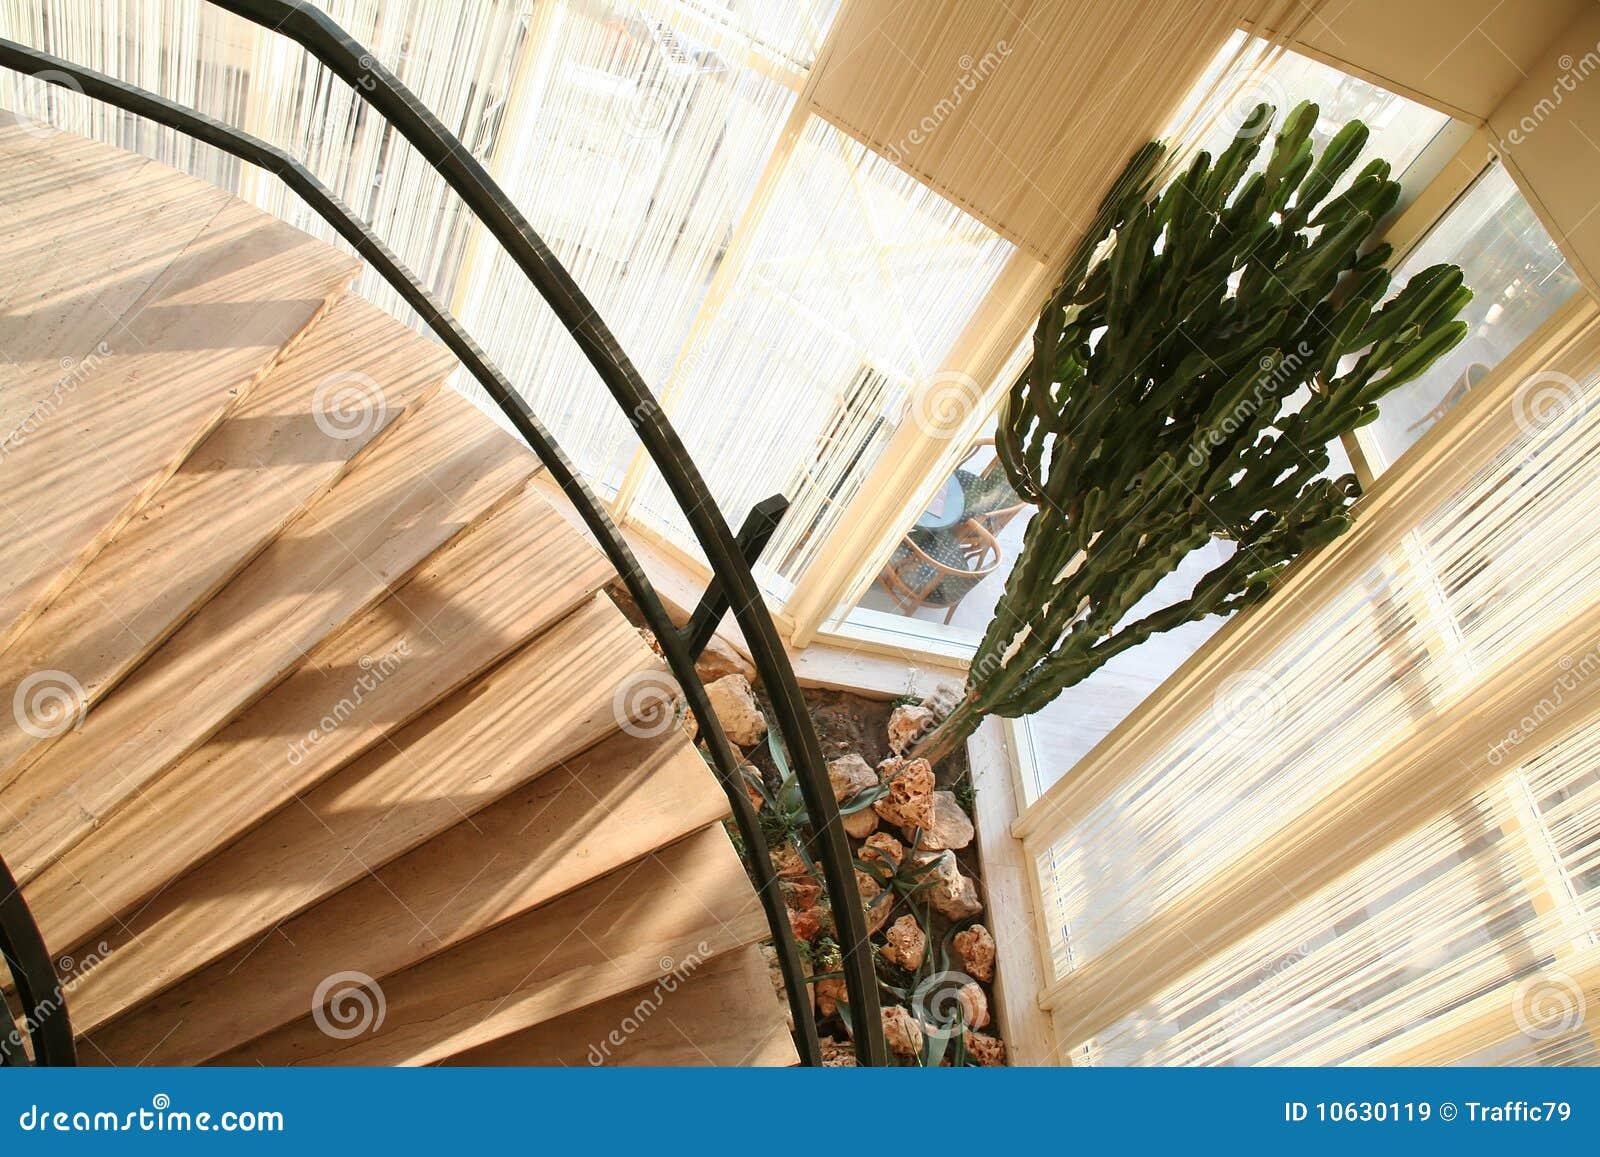 Escadas Redondas No Por Do Sol Imagem De Stock Imagem De Escadas